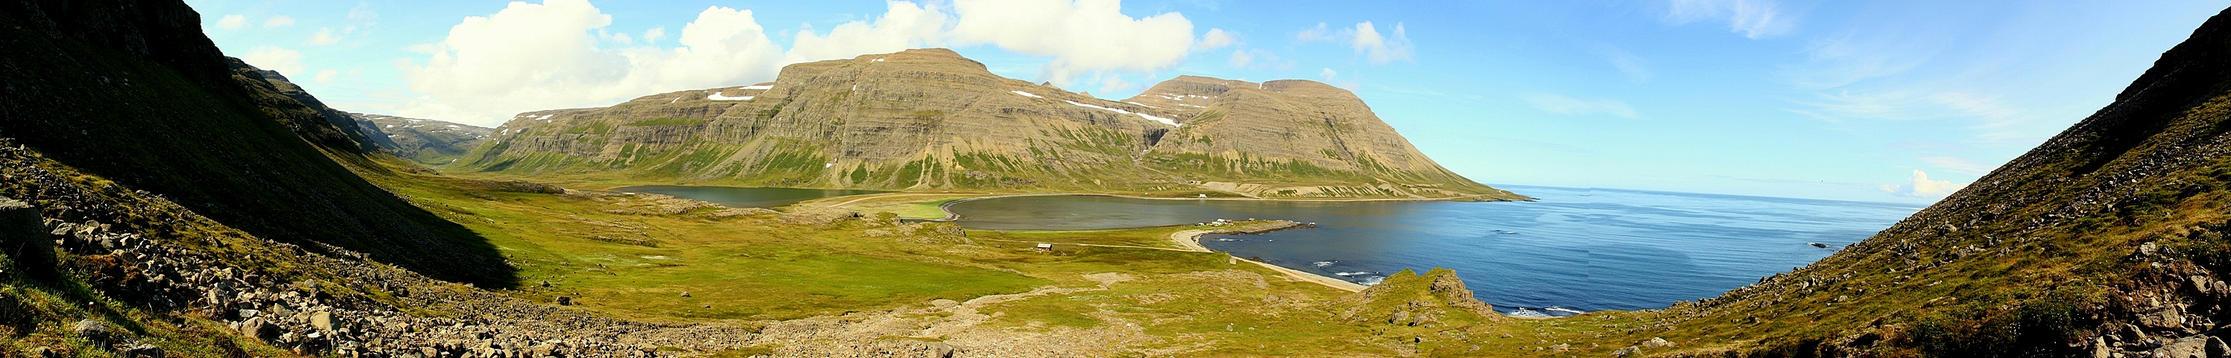 Panorama 26: Kaldbaksvik by ragnaice